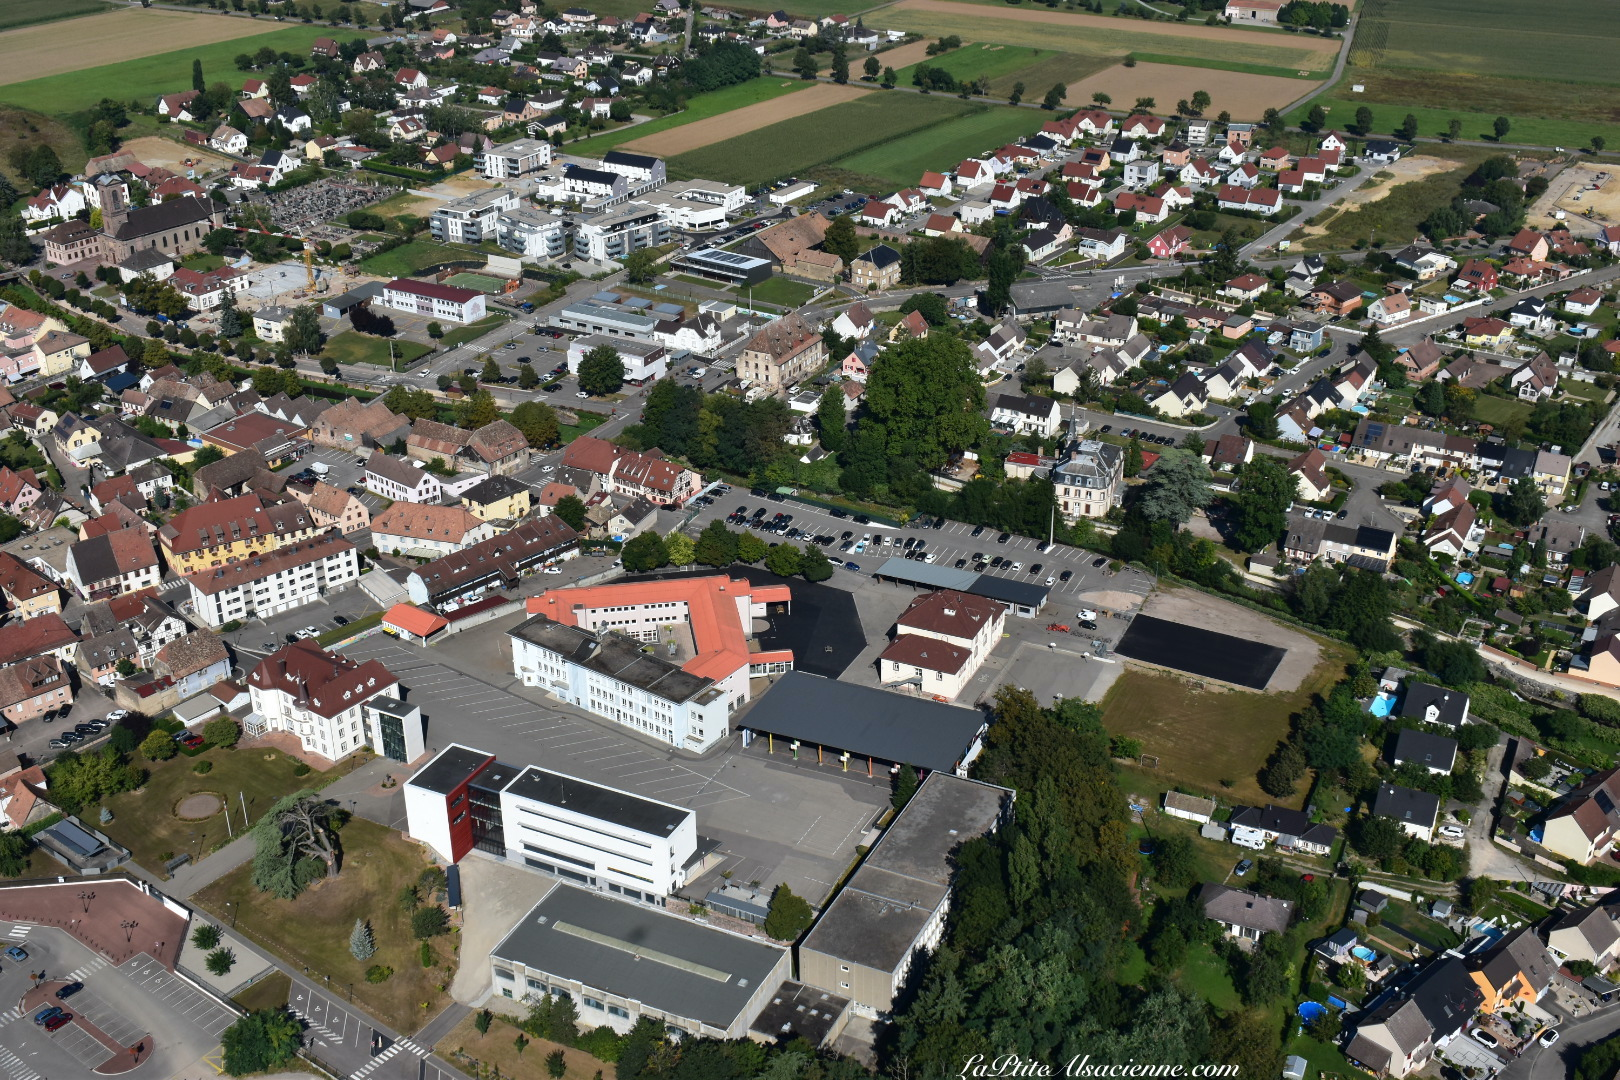 Une autre vue sur l'institution champagnat à Issenheim. Photo de Cendrine Miesch dite LaPtiteAlsacienne